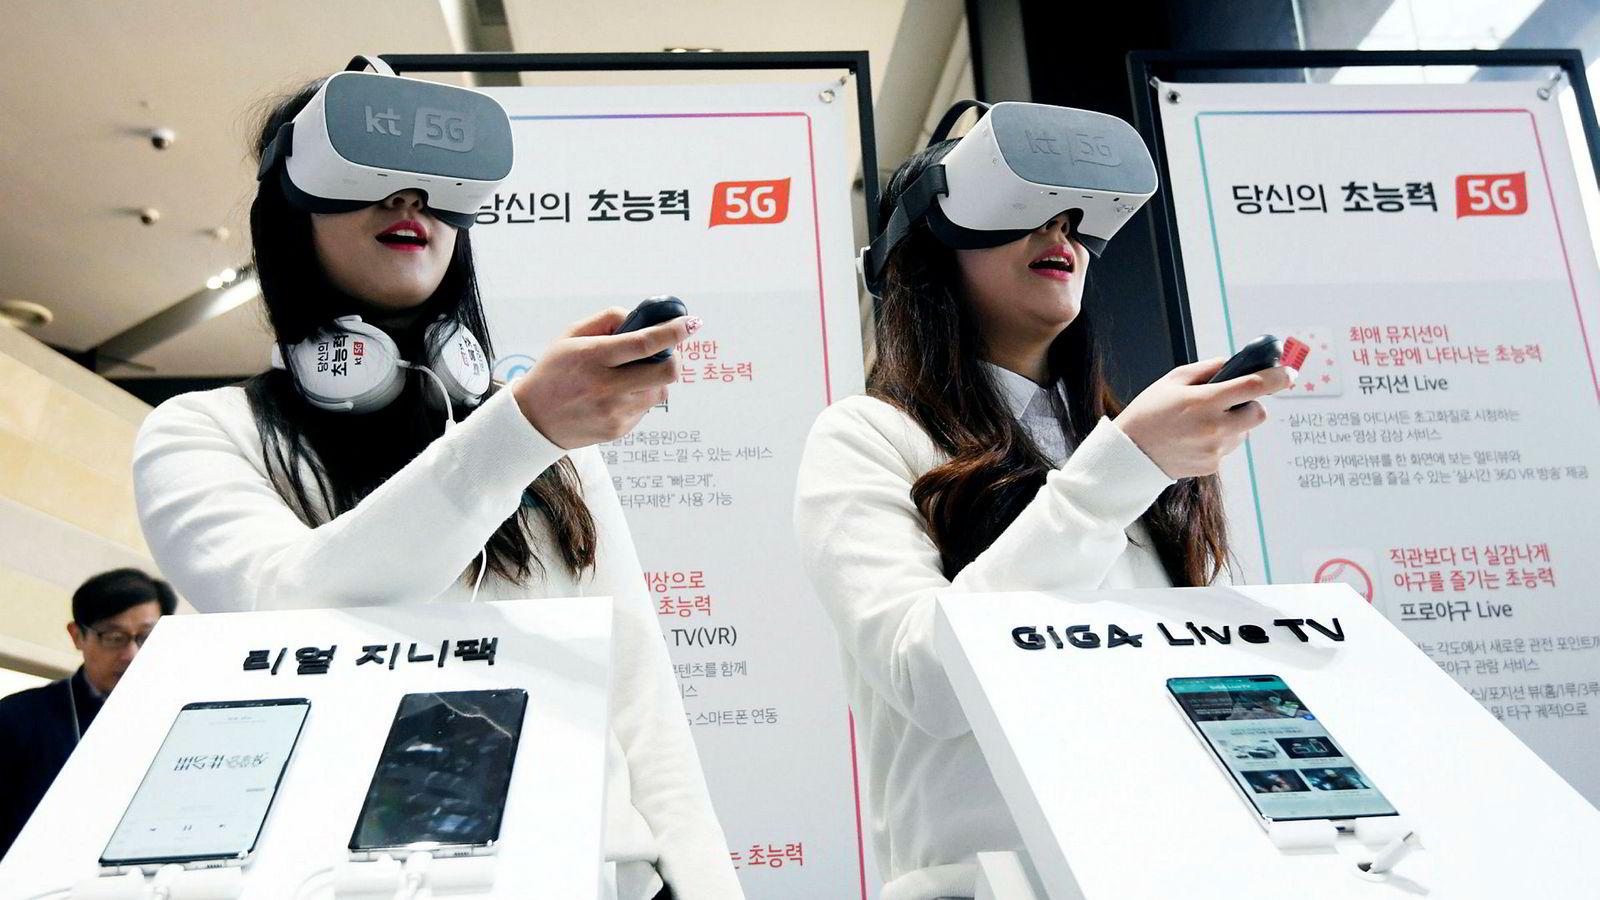 Denne uken gikk startskuddet for femte generasjon mobiltelefontjenester (5G) i Sør-Korea og USA.